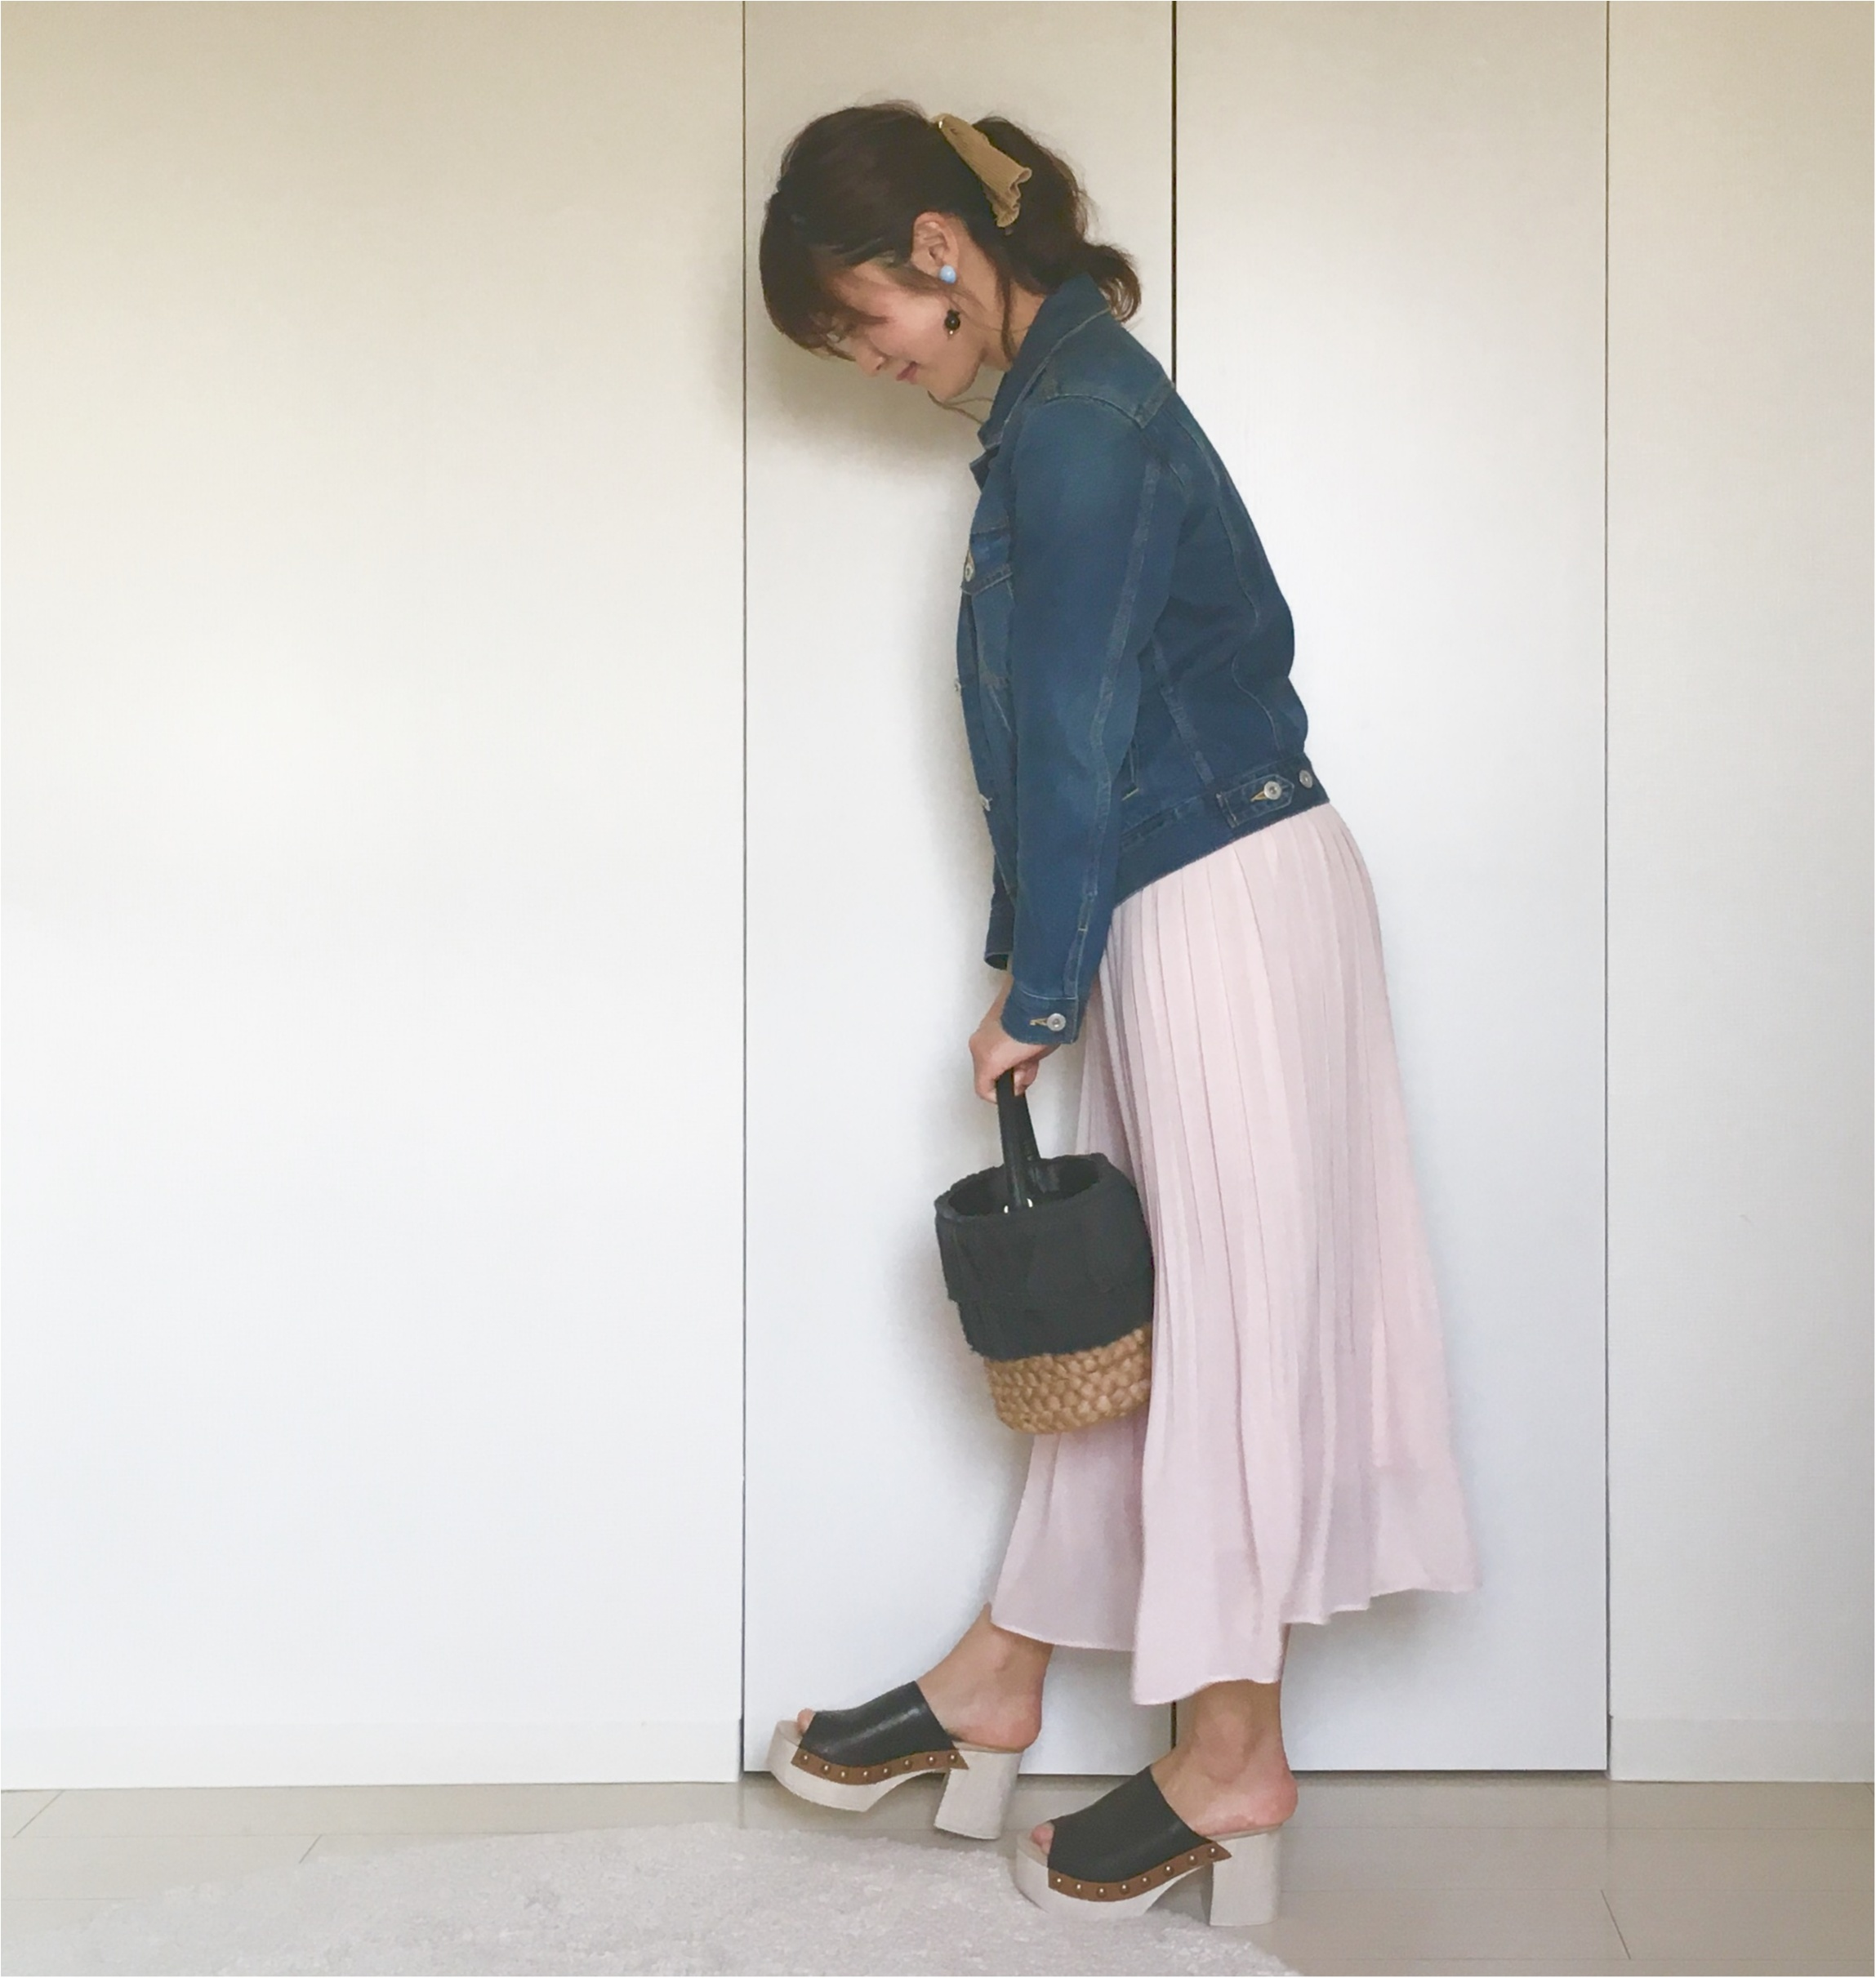 【ユニクロ】揺れ感が可愛すぎる❤️待ちに待った《春色スカート》は買うなら今がオススメ!_5